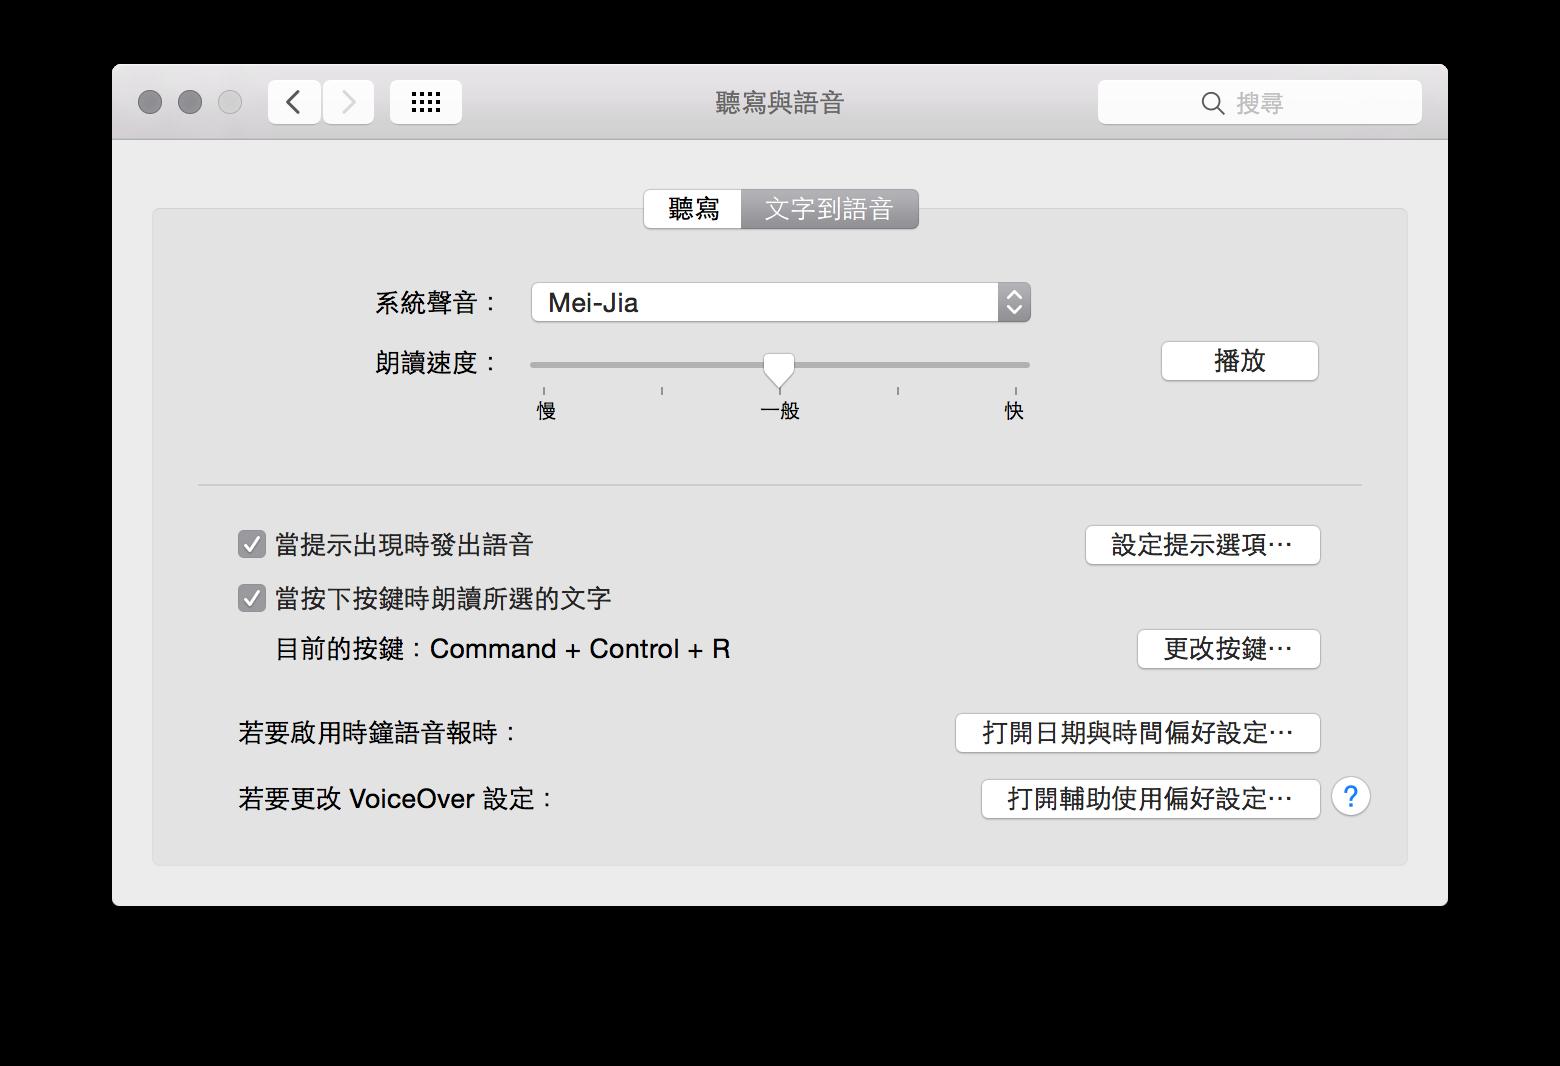 Mac OS 作業系統的朗讀功能